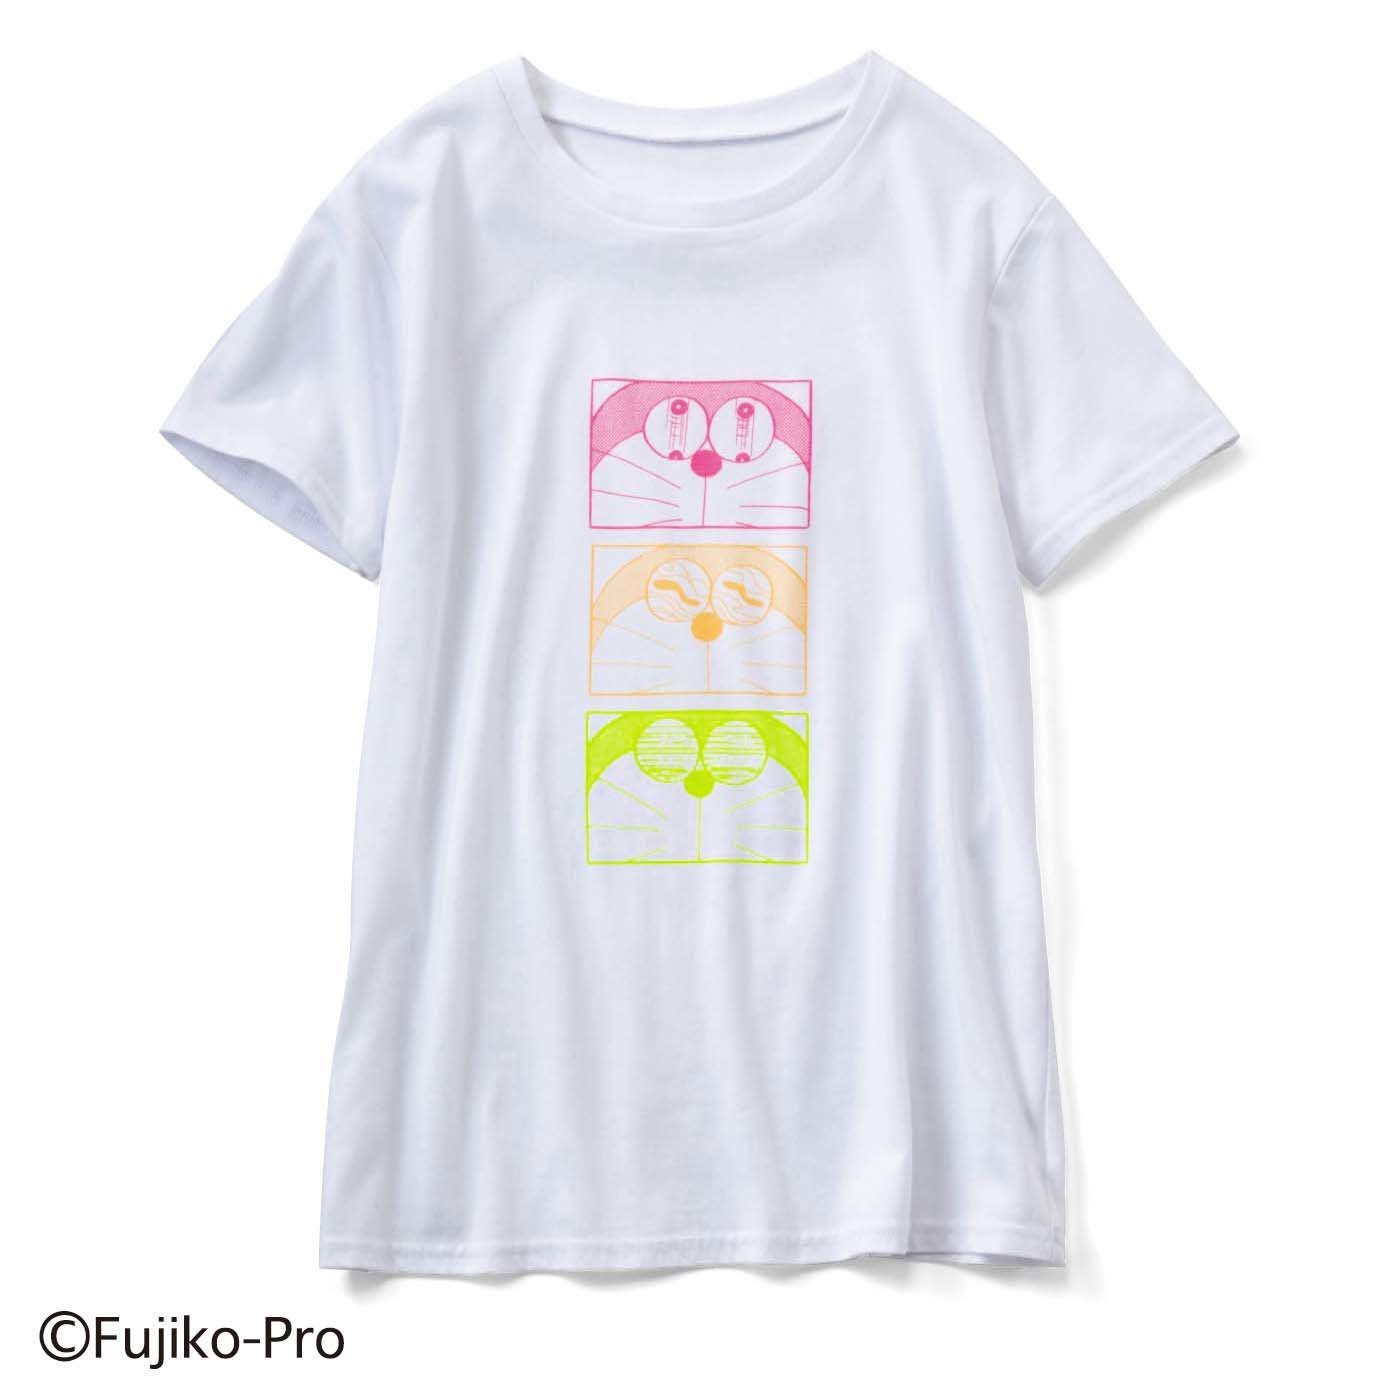 ドラえもん いろんな表情が楽しい プリントTシャツ